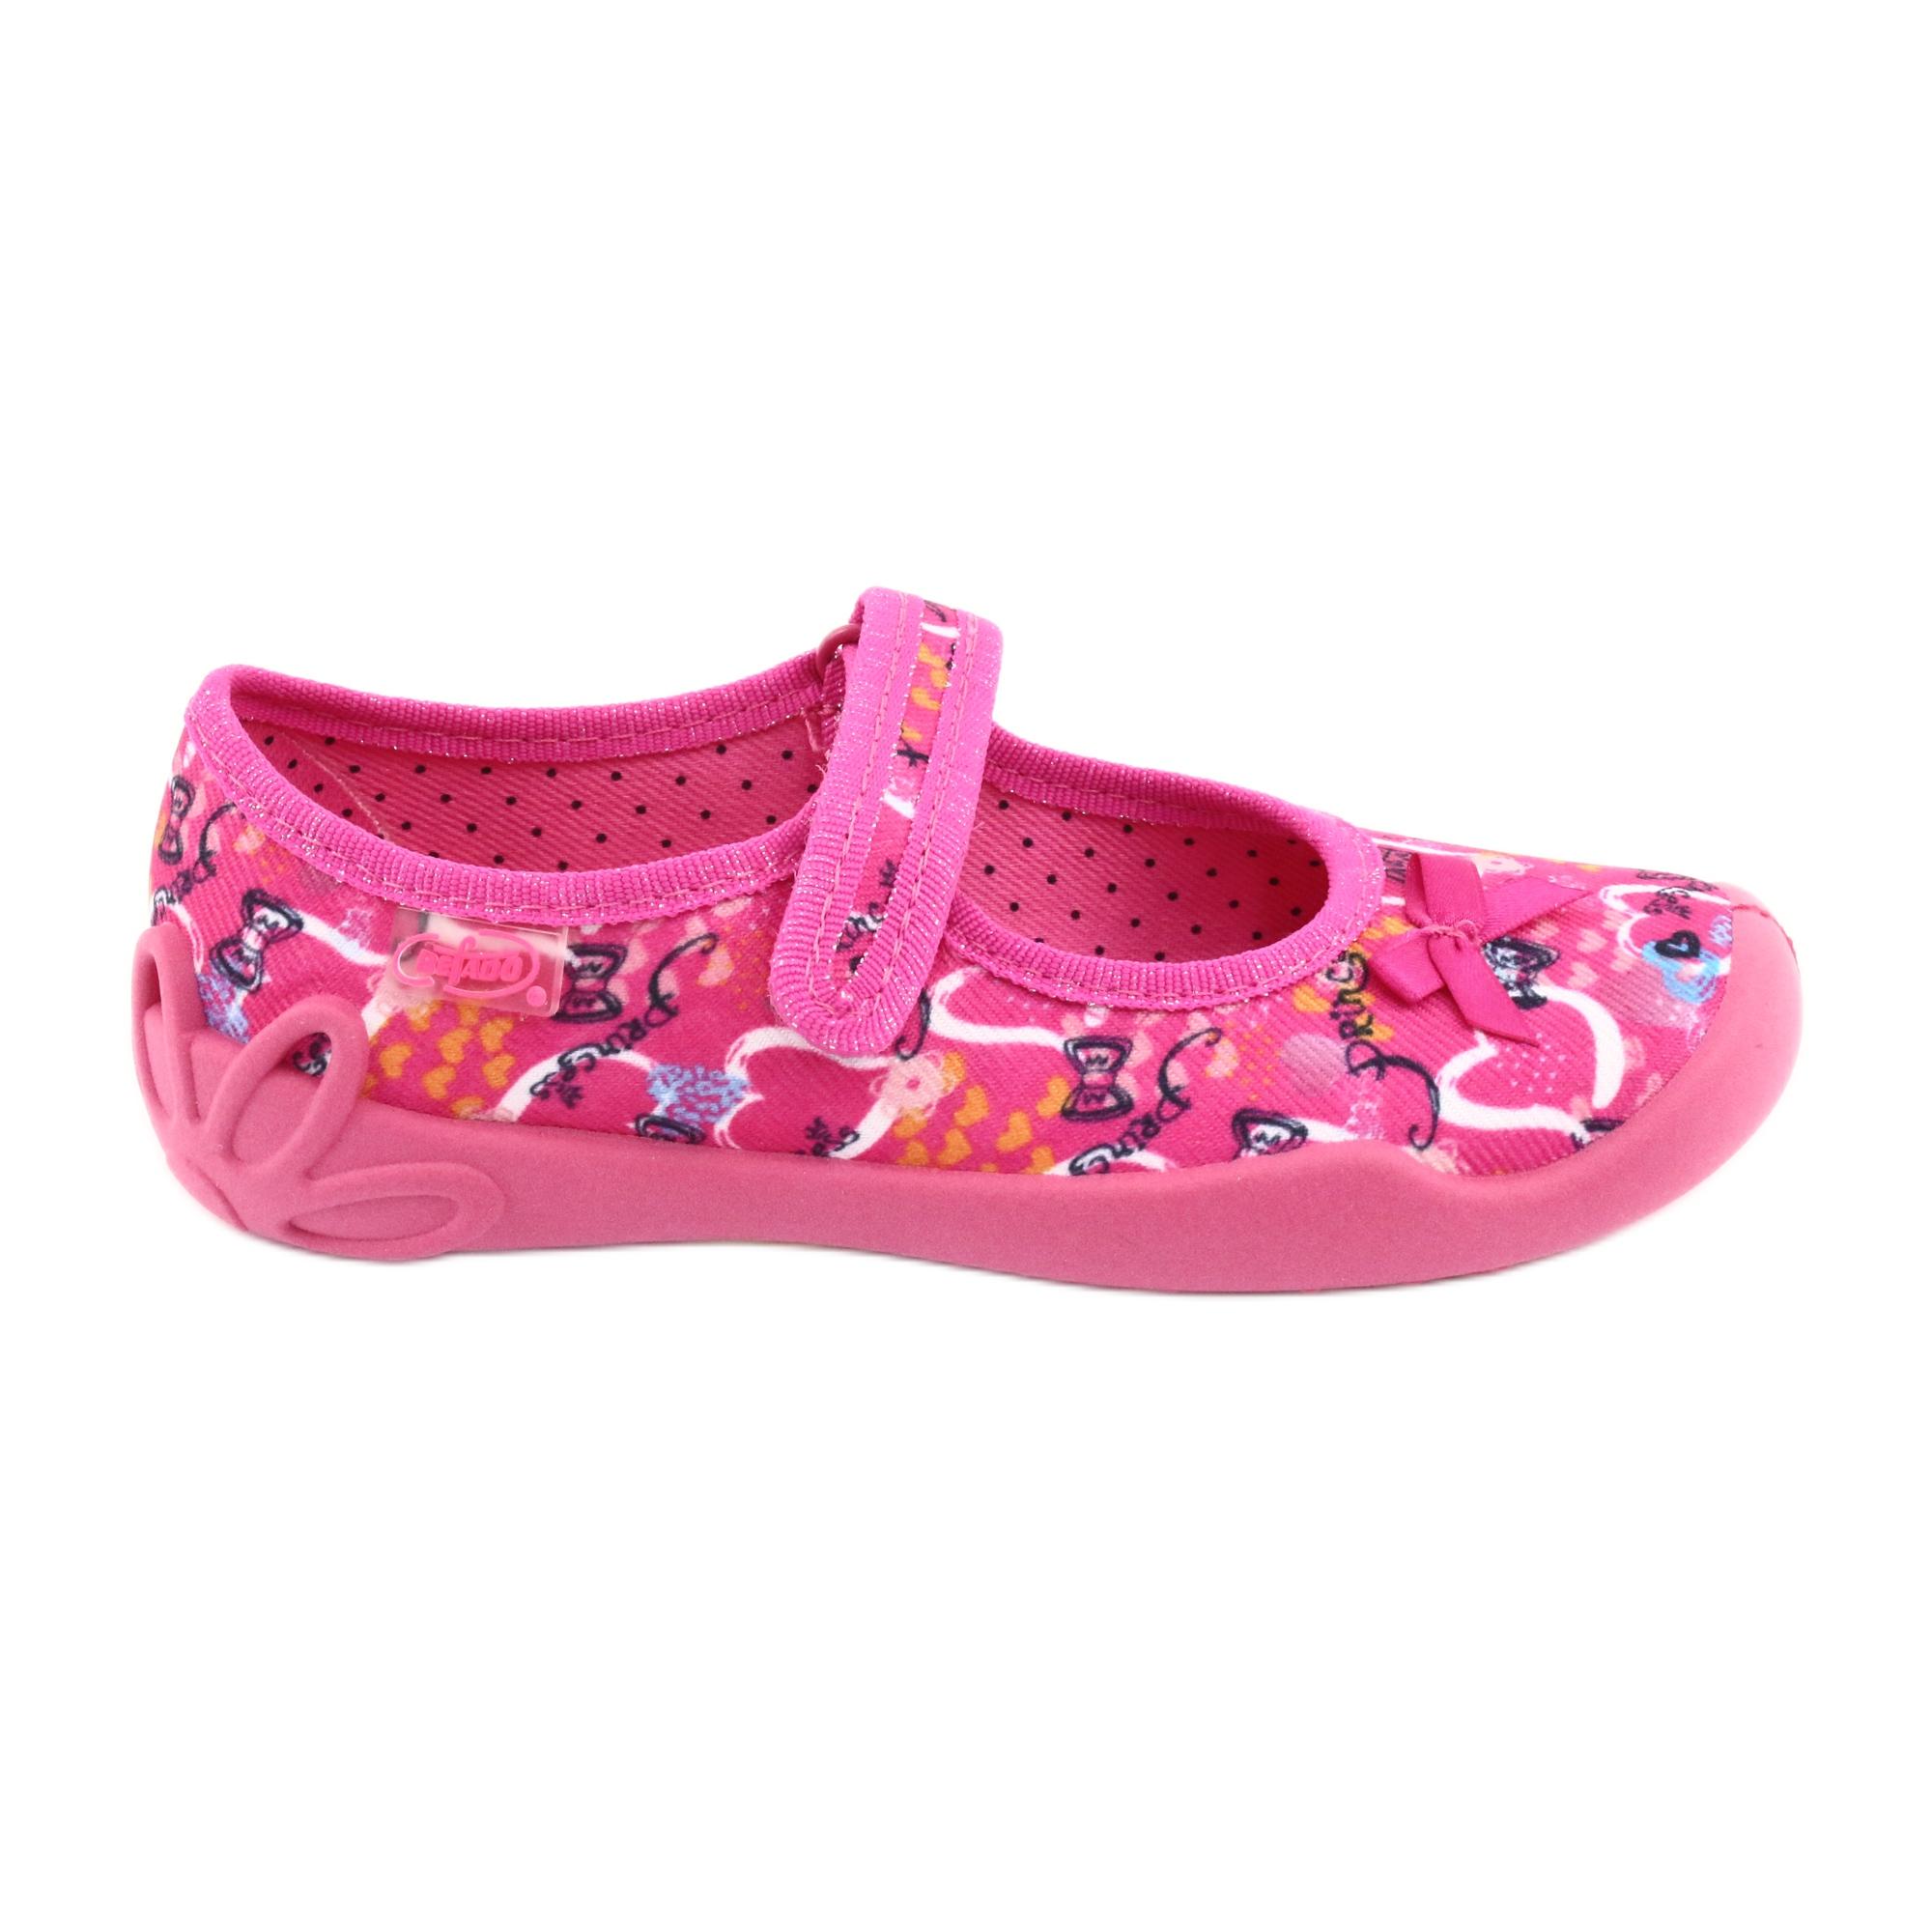 Befado children/'s shoes 945Y430